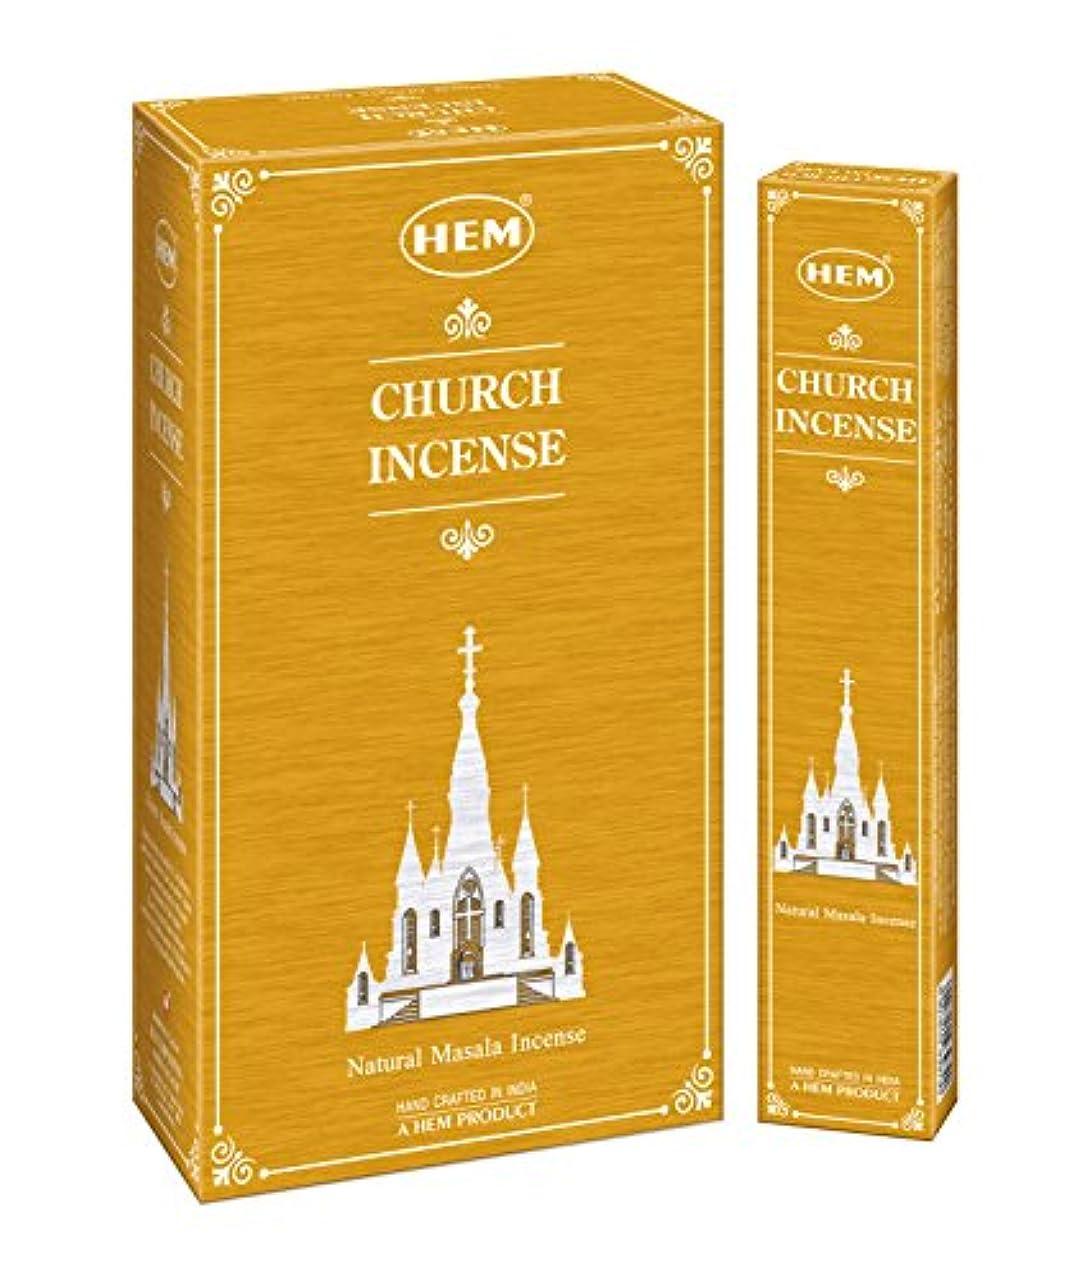 息子加速度侵略Hemお香新しくLaunched Exclusive Fragrance教会Masala Incense Sticksのセット12ボックス、15グラム各)